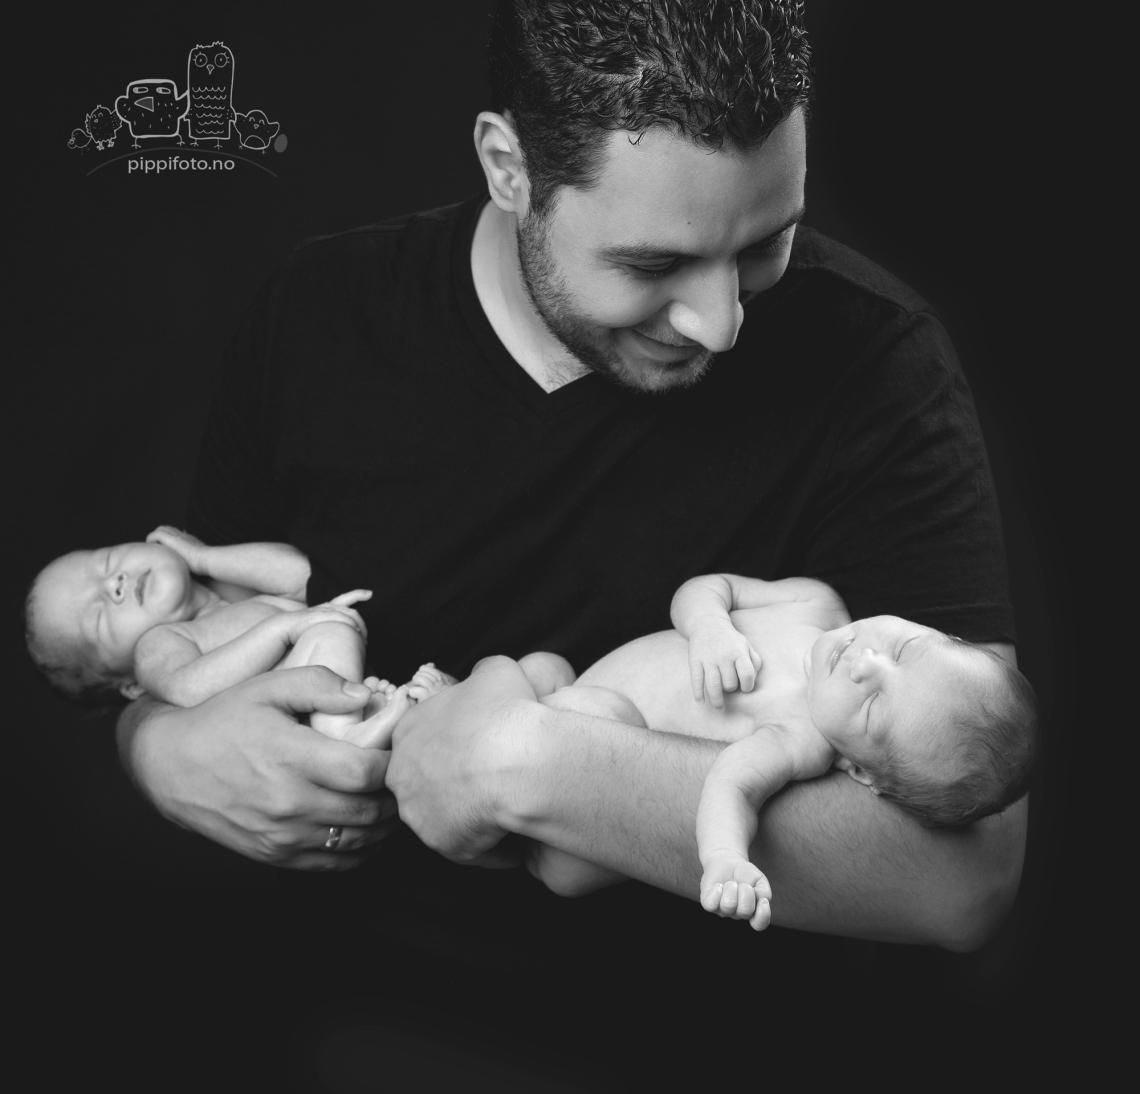 pappa-love-familiefoto-babyfotograf-nyfoedtfotografering-nyfødt baby-nyfødt-tvillinger